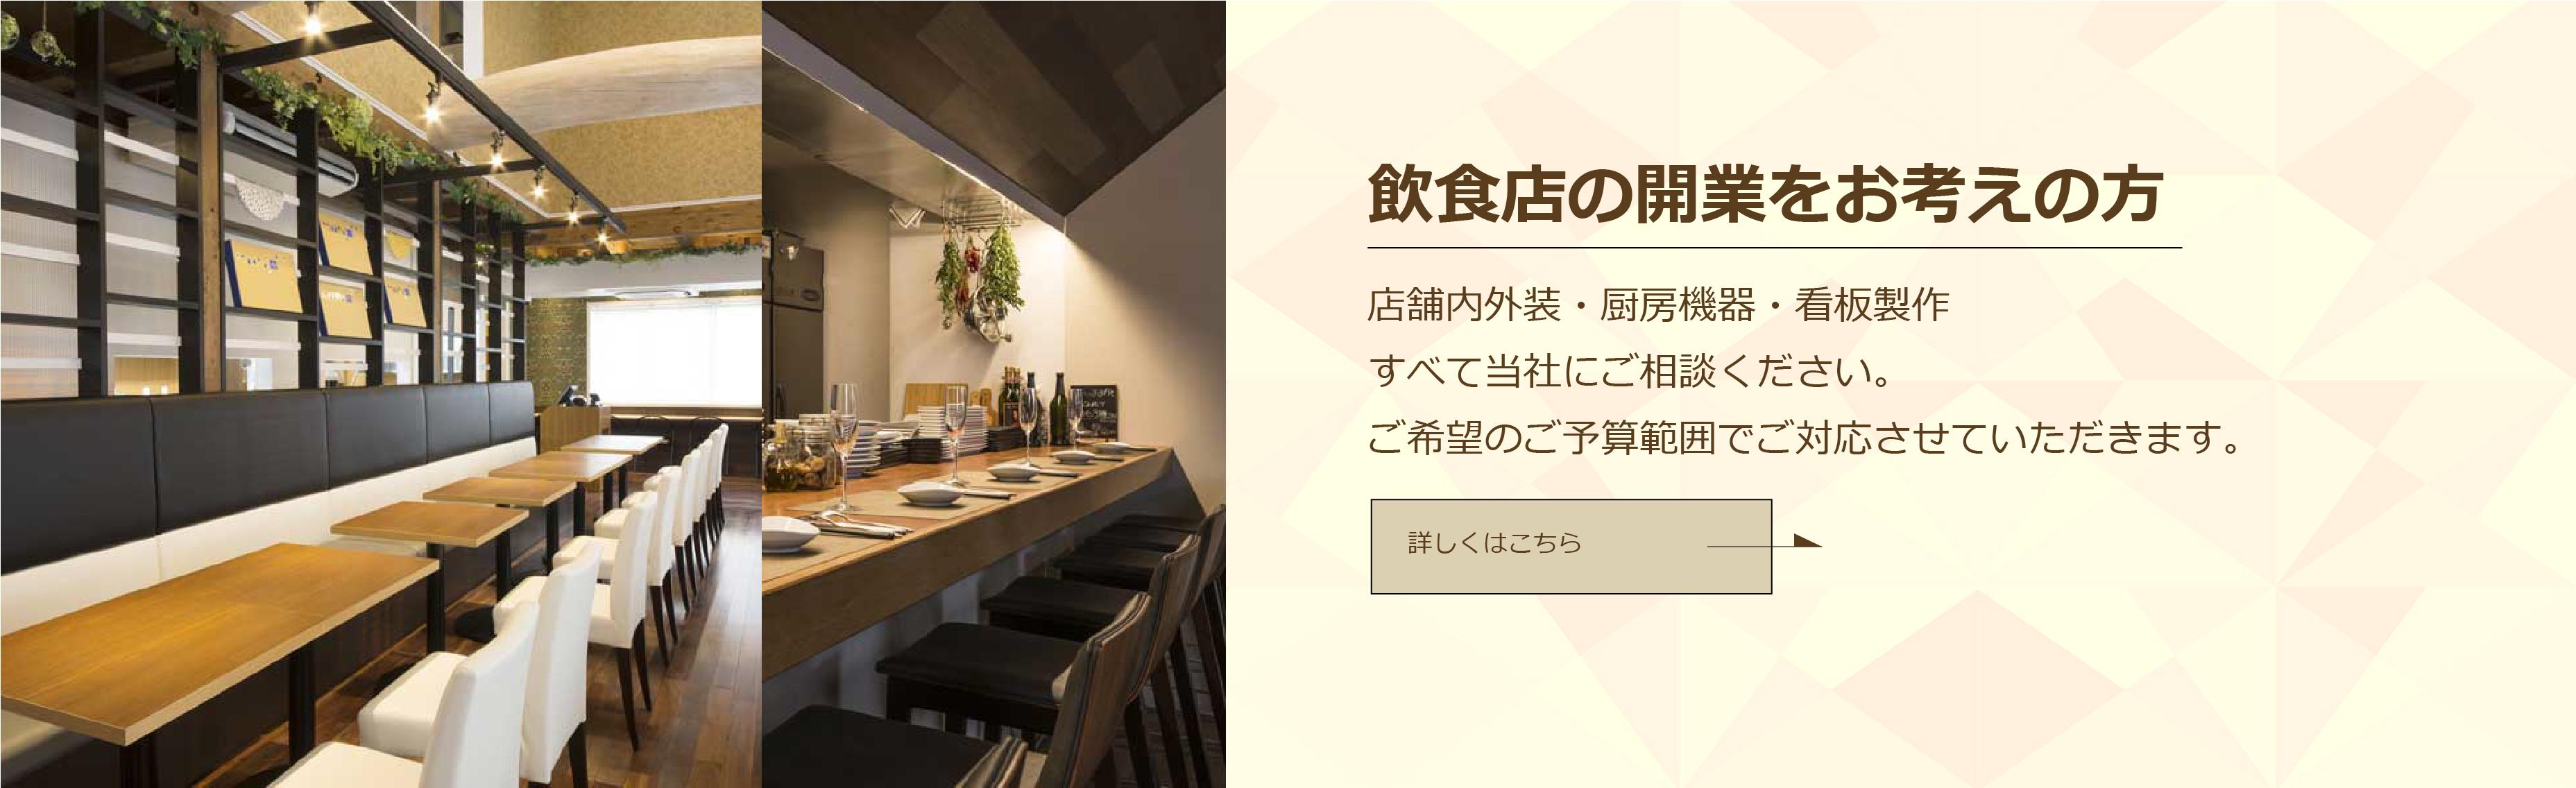 店舗内外装・厨房機器・看板製作 すべて当社にご相談ください。ご希望のご予算範囲でご対応させていただきます。